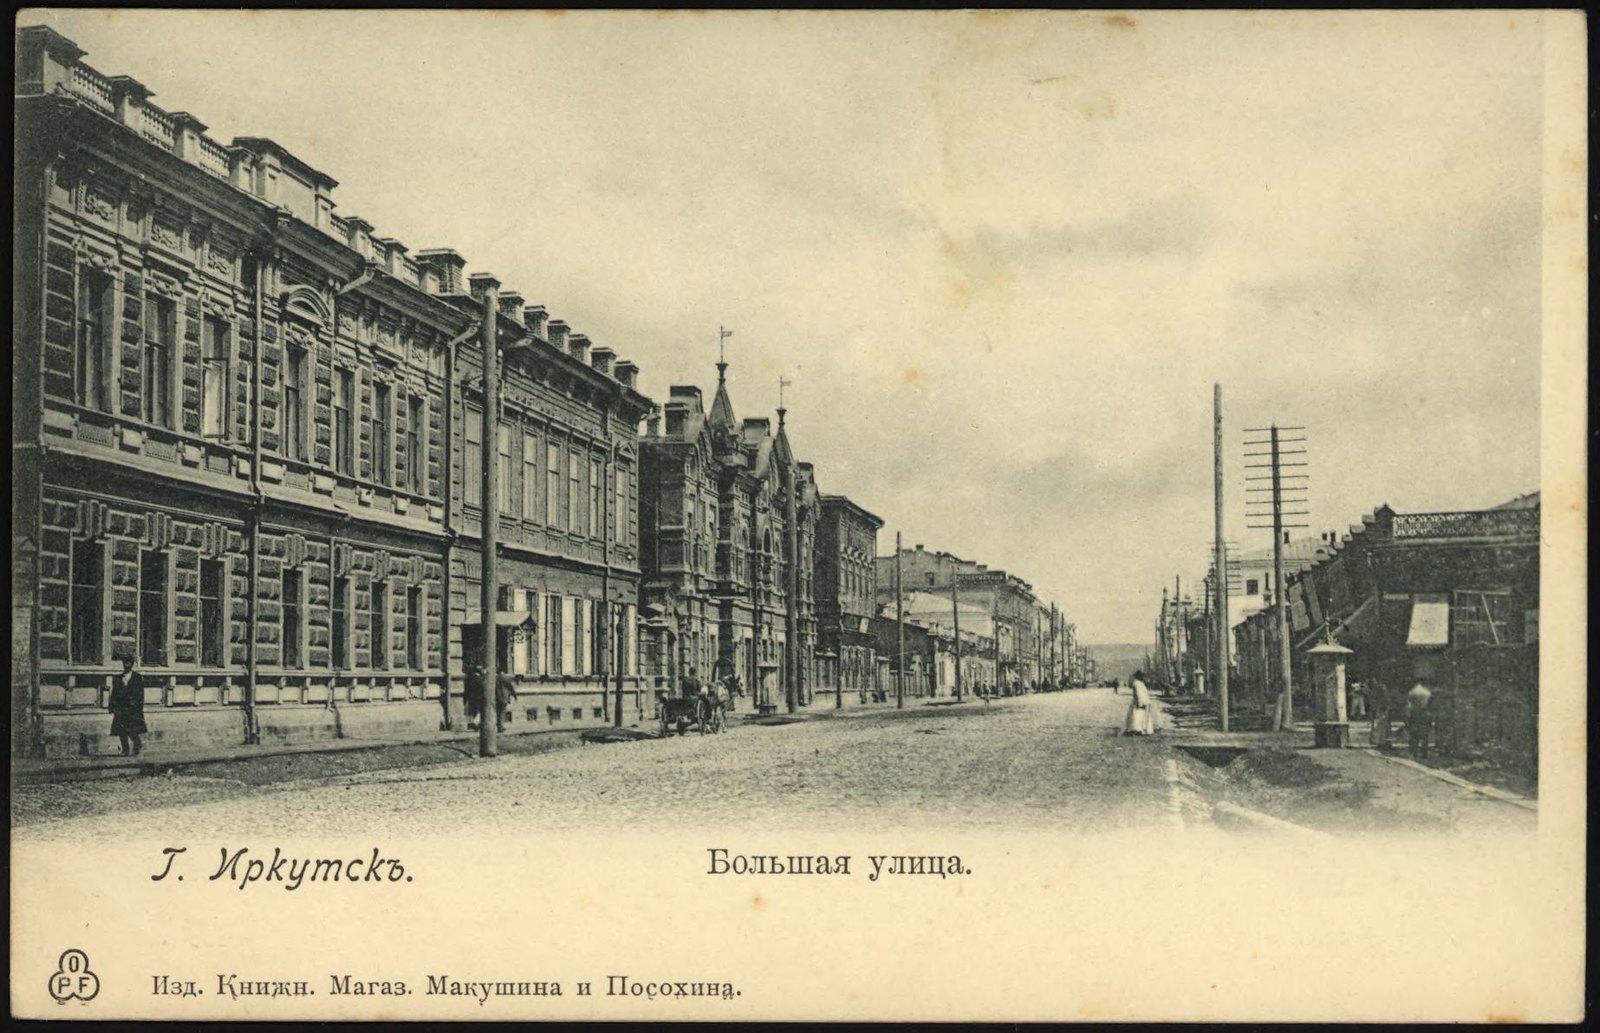 Большая улица. Книжный магазин П.И.Макушина и В.М.Посохина